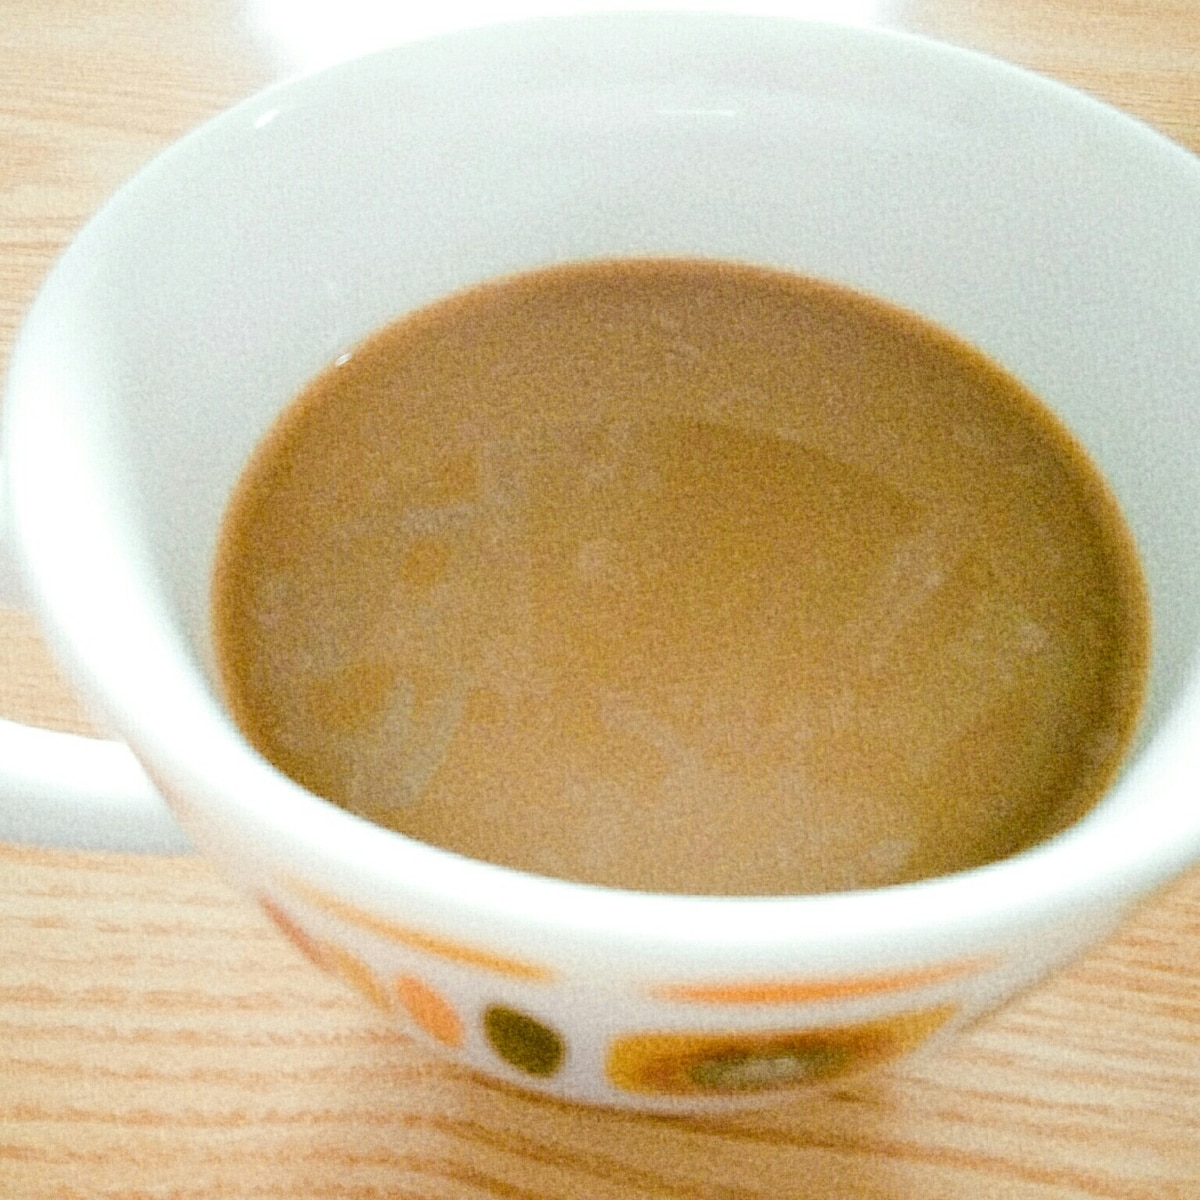 ダル ゴナ コーヒー ドリップ